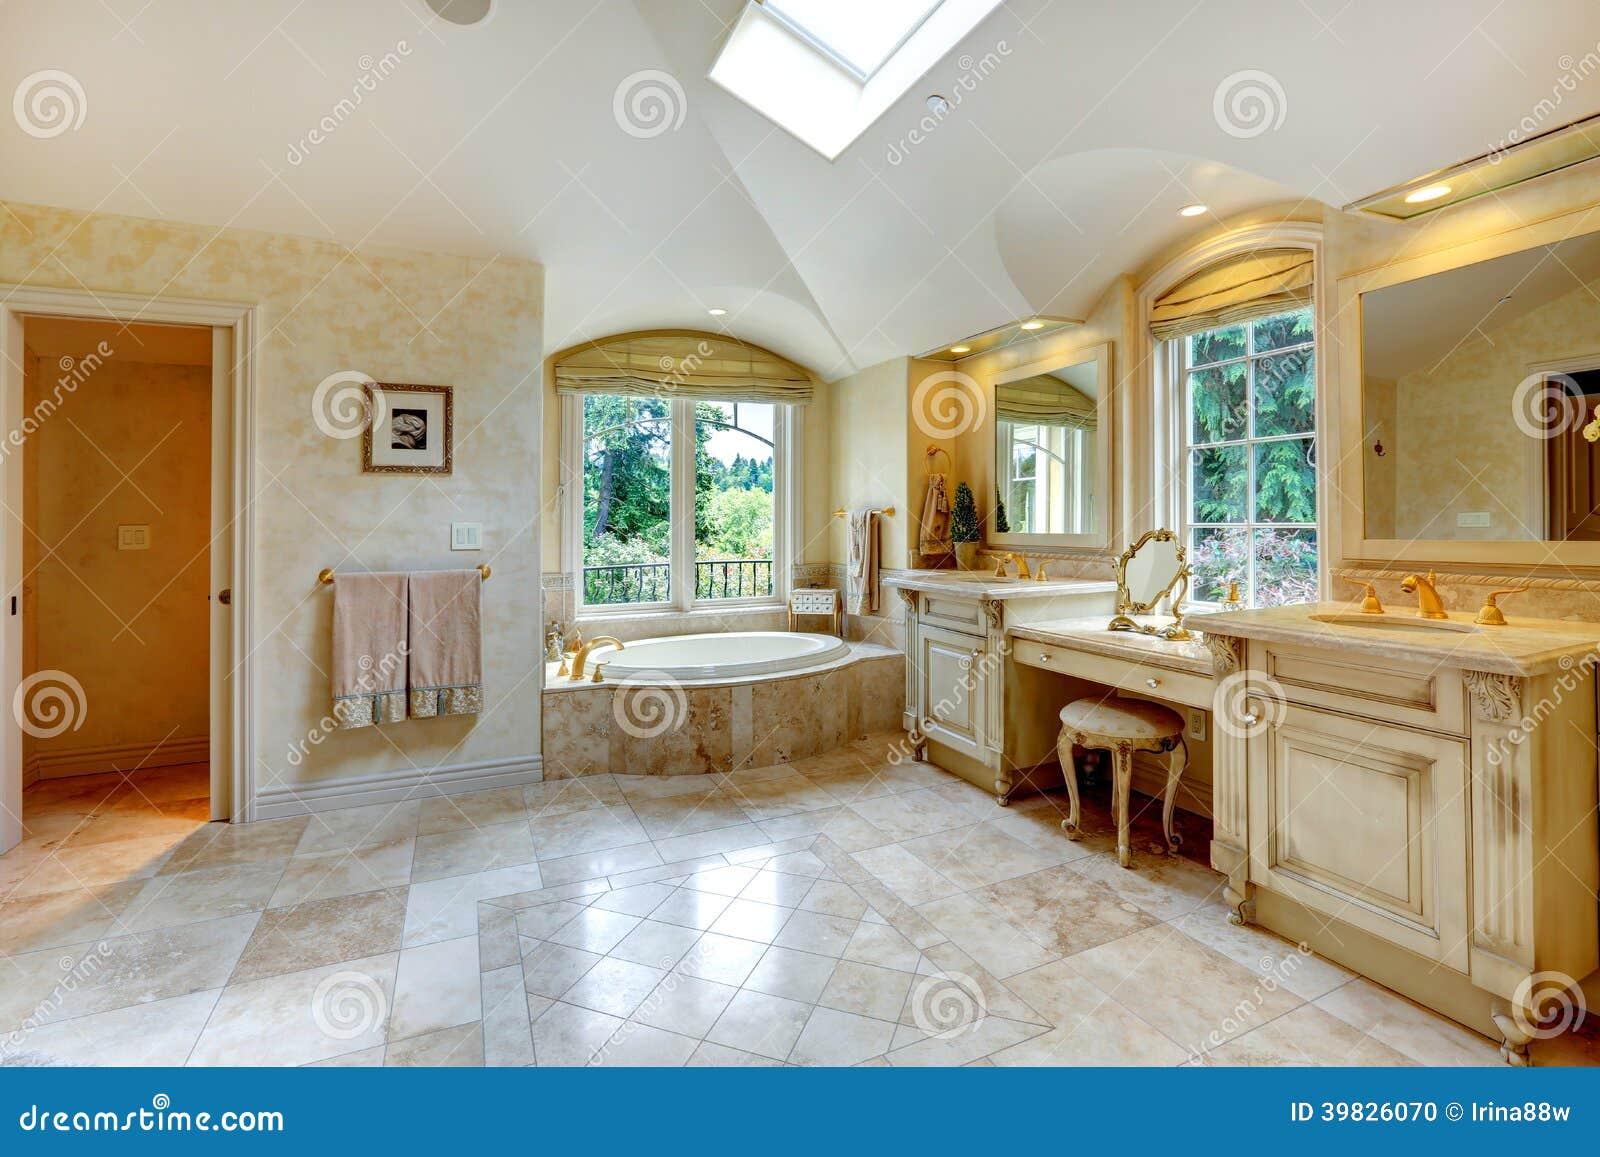 bagni di lusso excellent bagno moderno grigio bello bagni